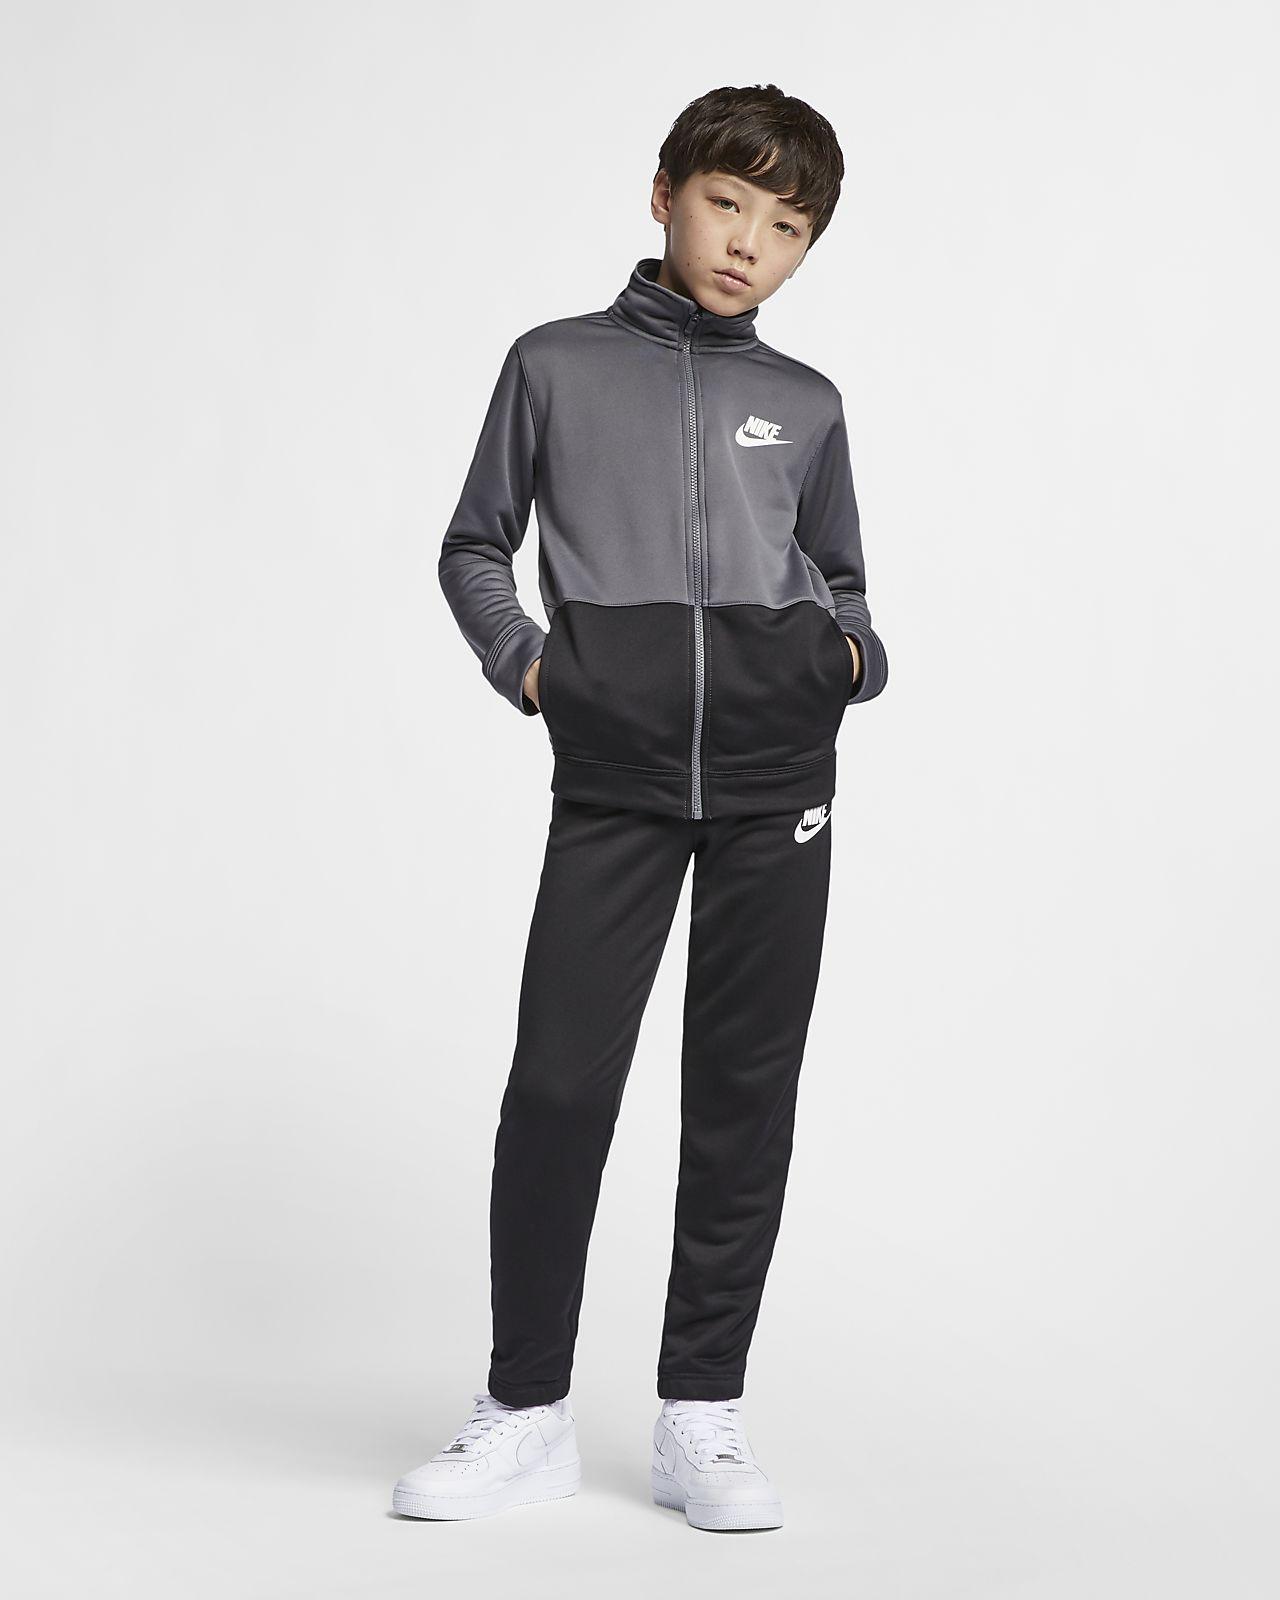 Nike Sportswear Boys' Tracksuit